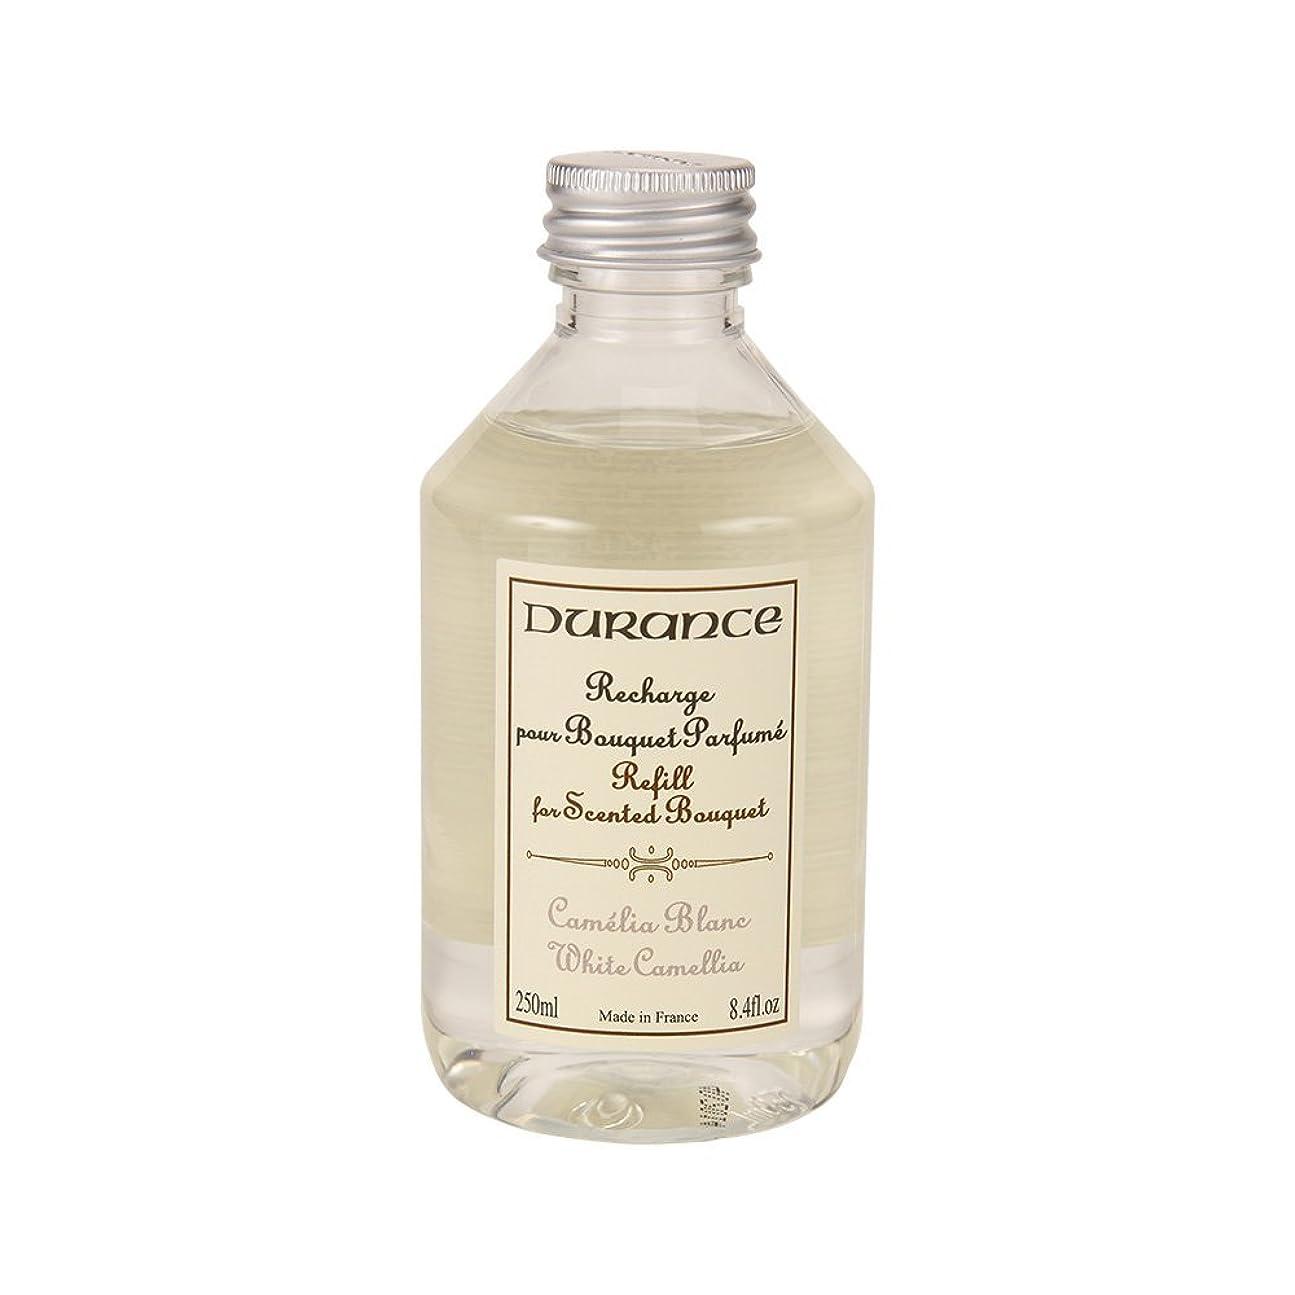 再集計技術者遠近法Durance [ デュランス ] Refill for scented bouquet リフィルオイルWhite Camellia ホワイト カメリア 45513 アロマオイル 防ダニ フレグランス ブーケ [並行輸入品]